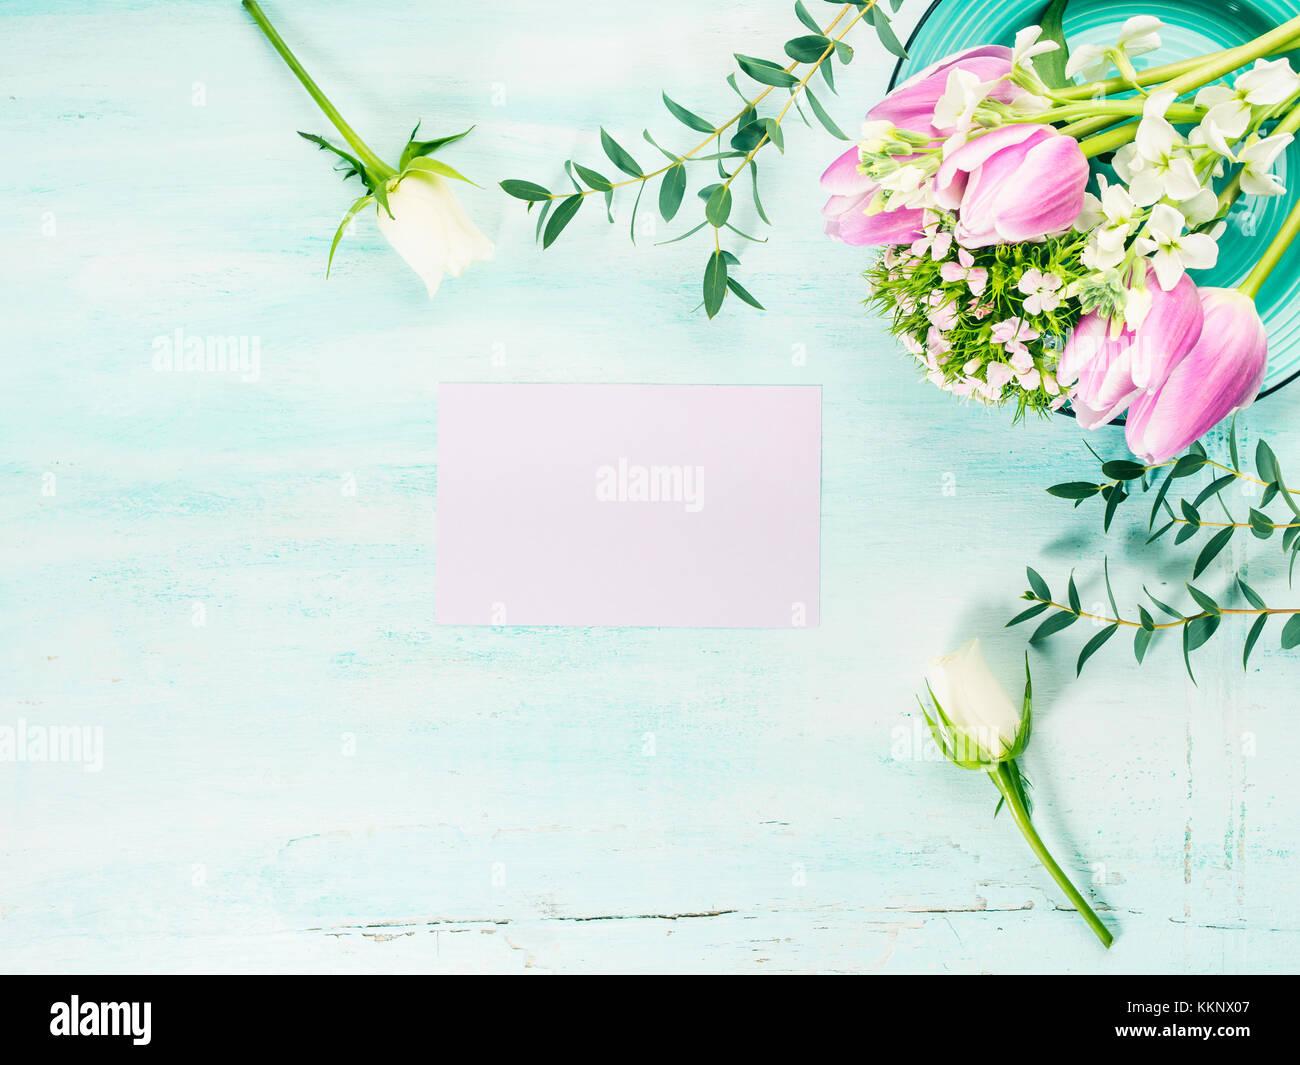 https www alamyimages fr photo image carte mauve vide tulipes fleurs roses fond couleur pastel du printemps vacances de paques invitation anniversaire de mariage 167053159 html